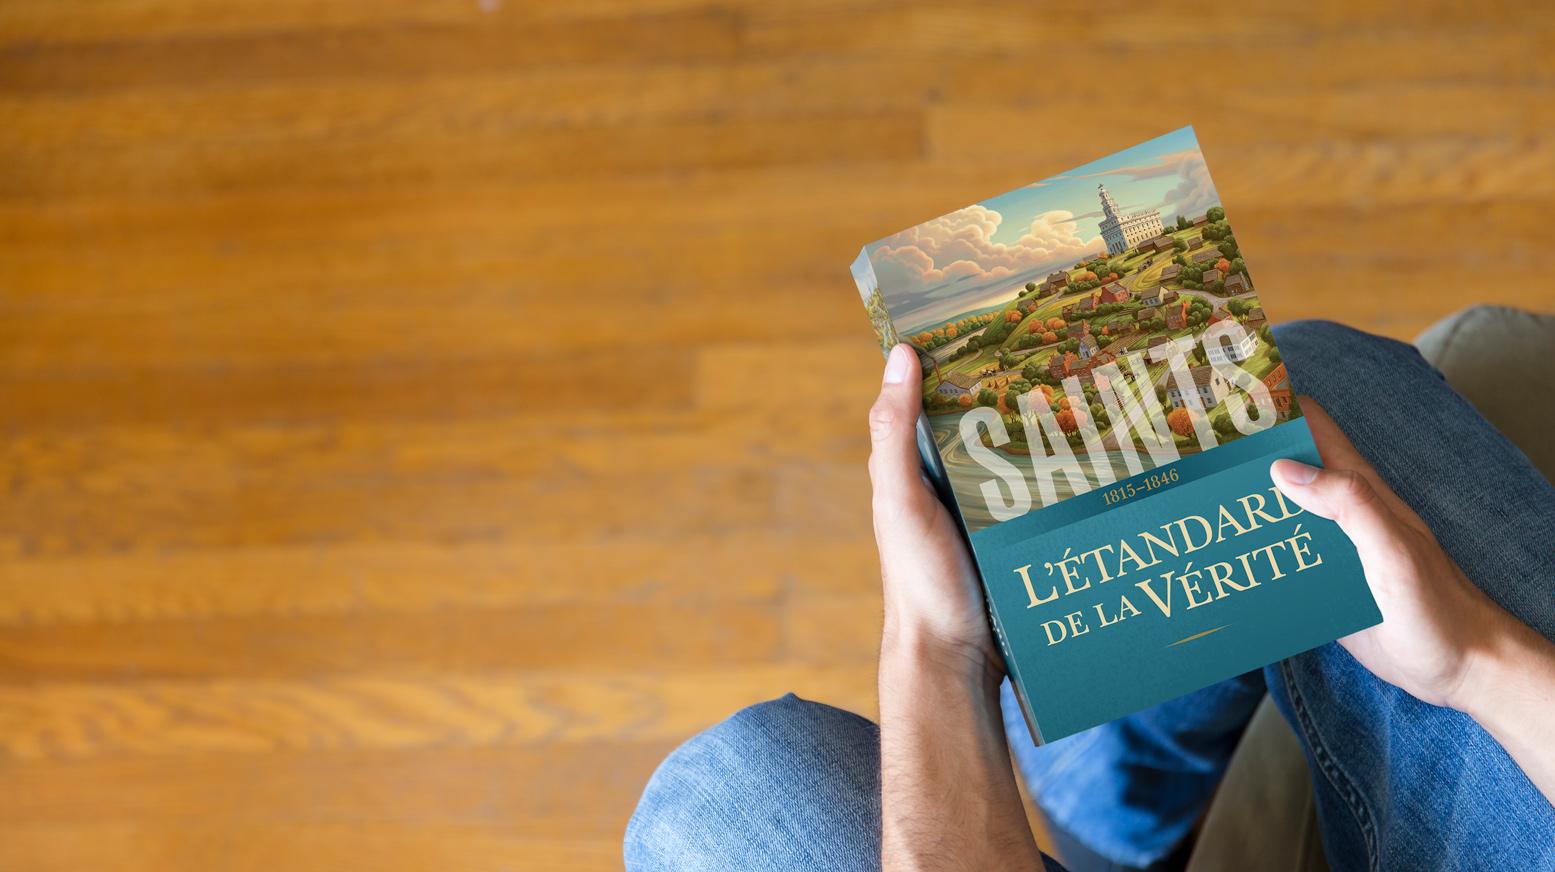 Les saints, volume1